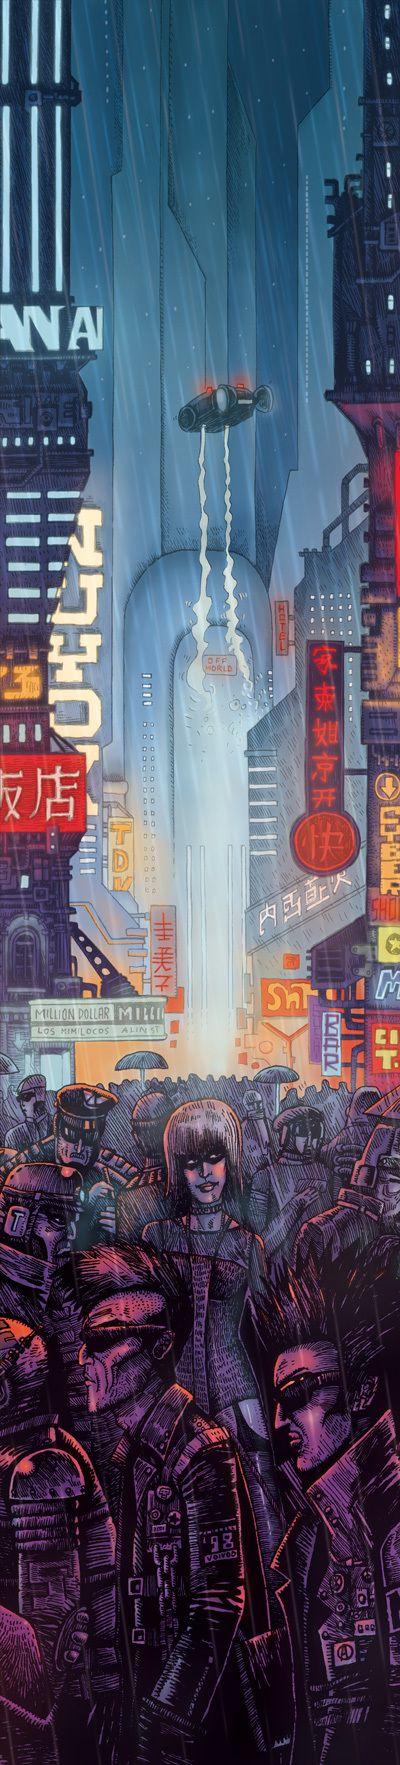 Blade Runner 2013: